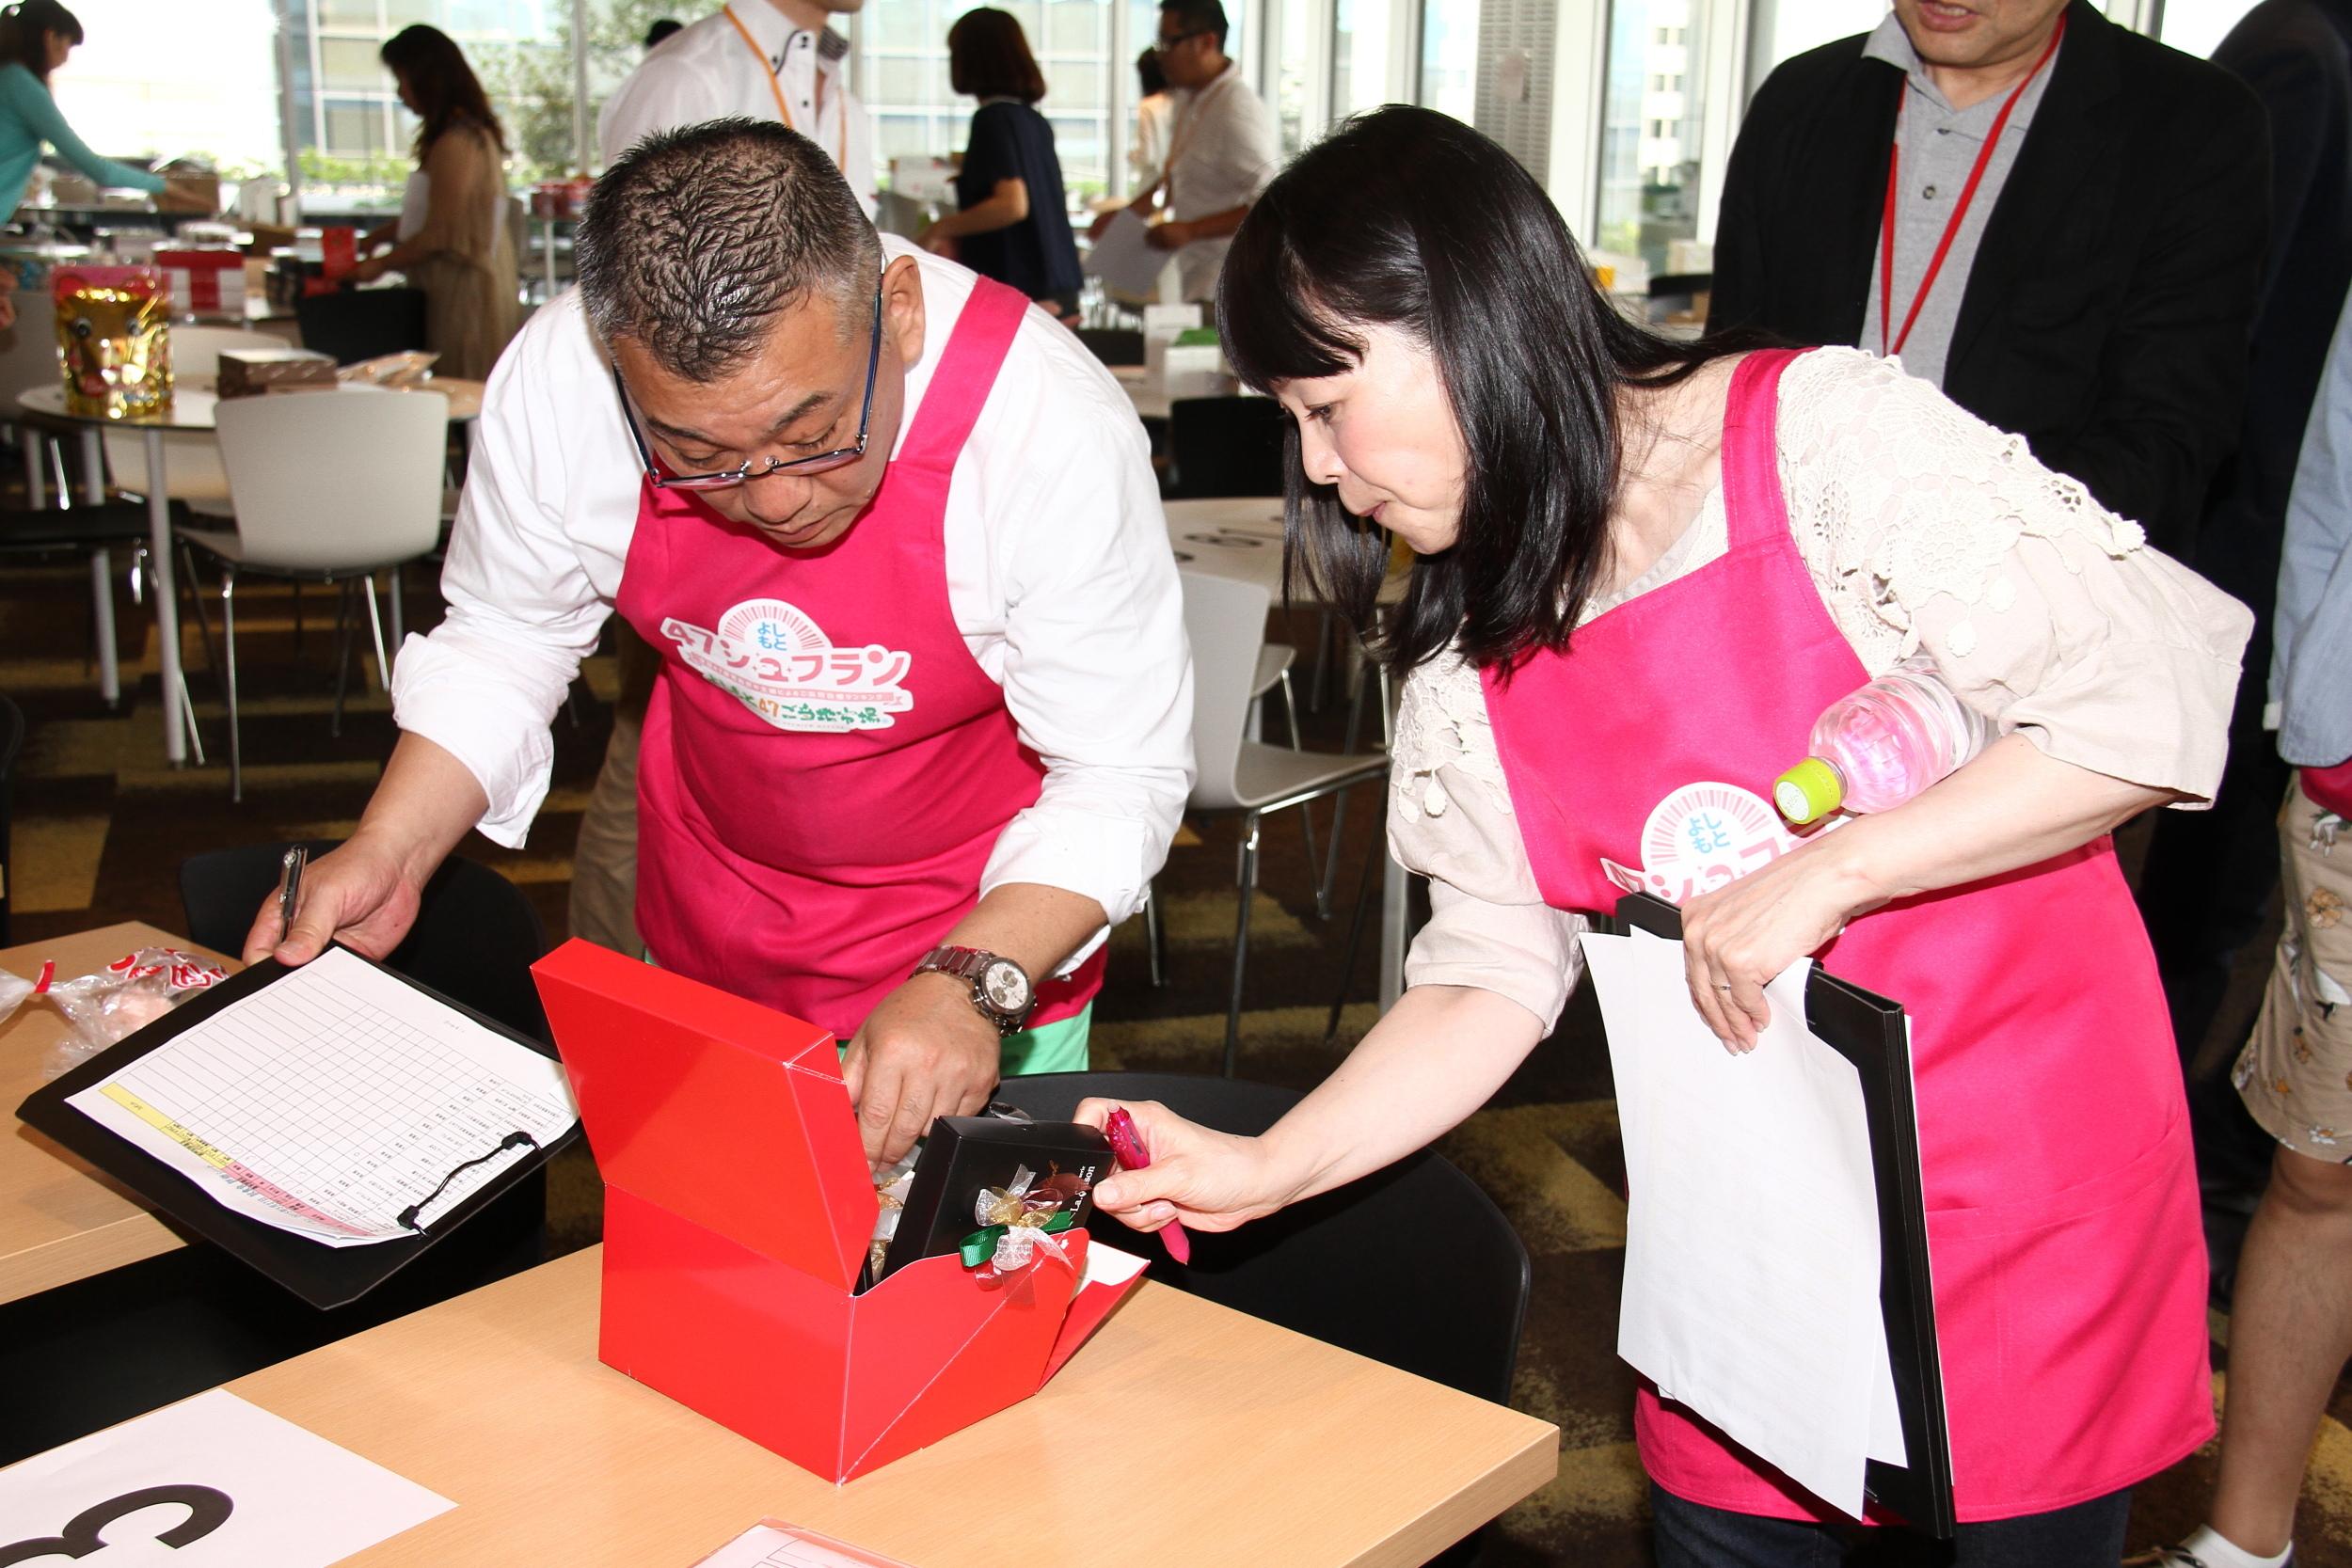 http://news.yoshimoto.co.jp/photos/uncategorized/2015/05/28/20150528172025-532df22ef7e106e2c8f50f87207ab9d3f90a408e.jpg